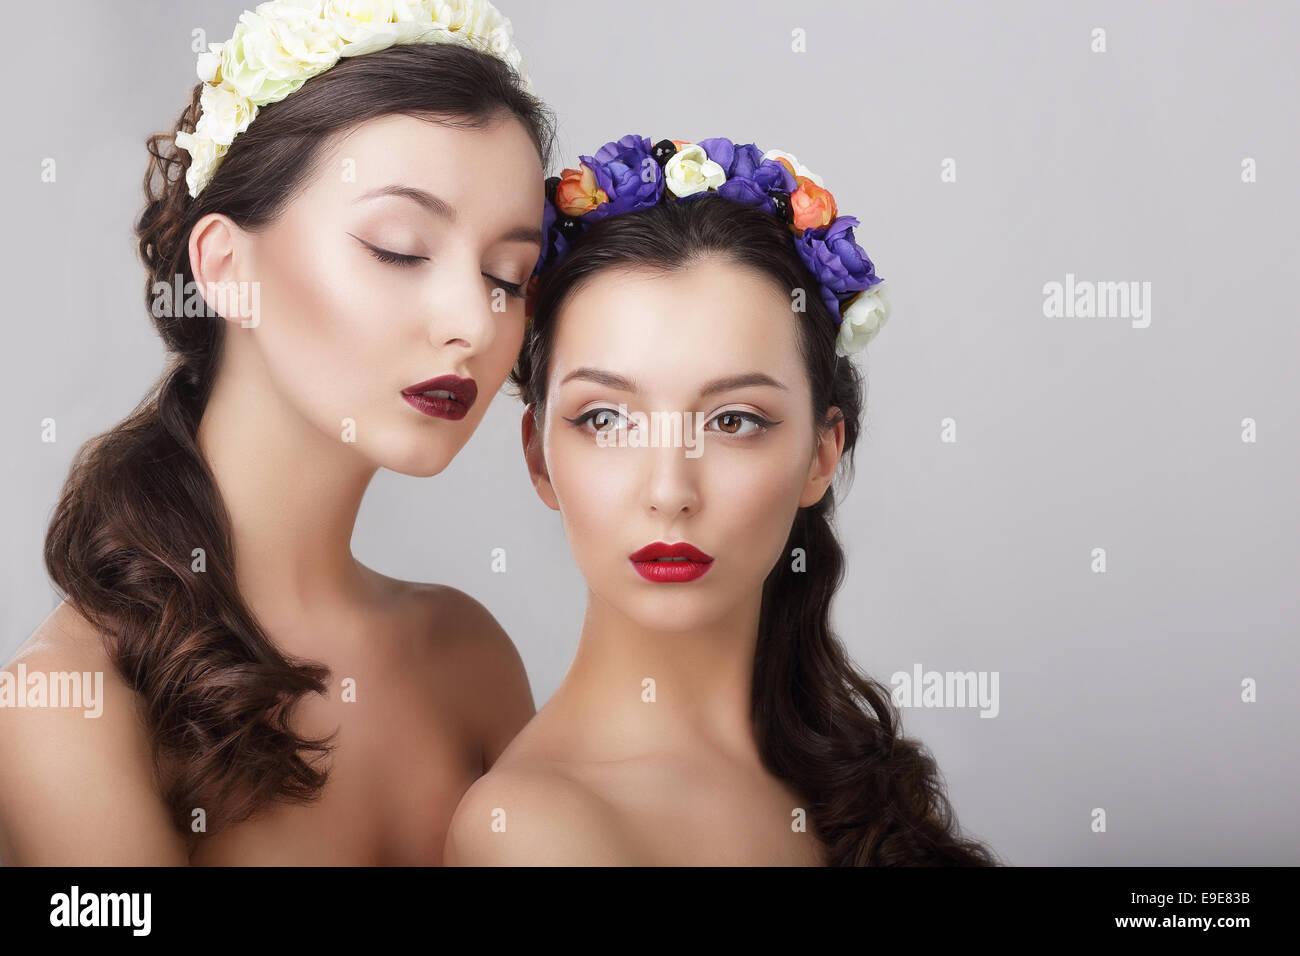 Stimmung. Glamour. Wunderschöne Frauen in Blumenkränze Stockbild